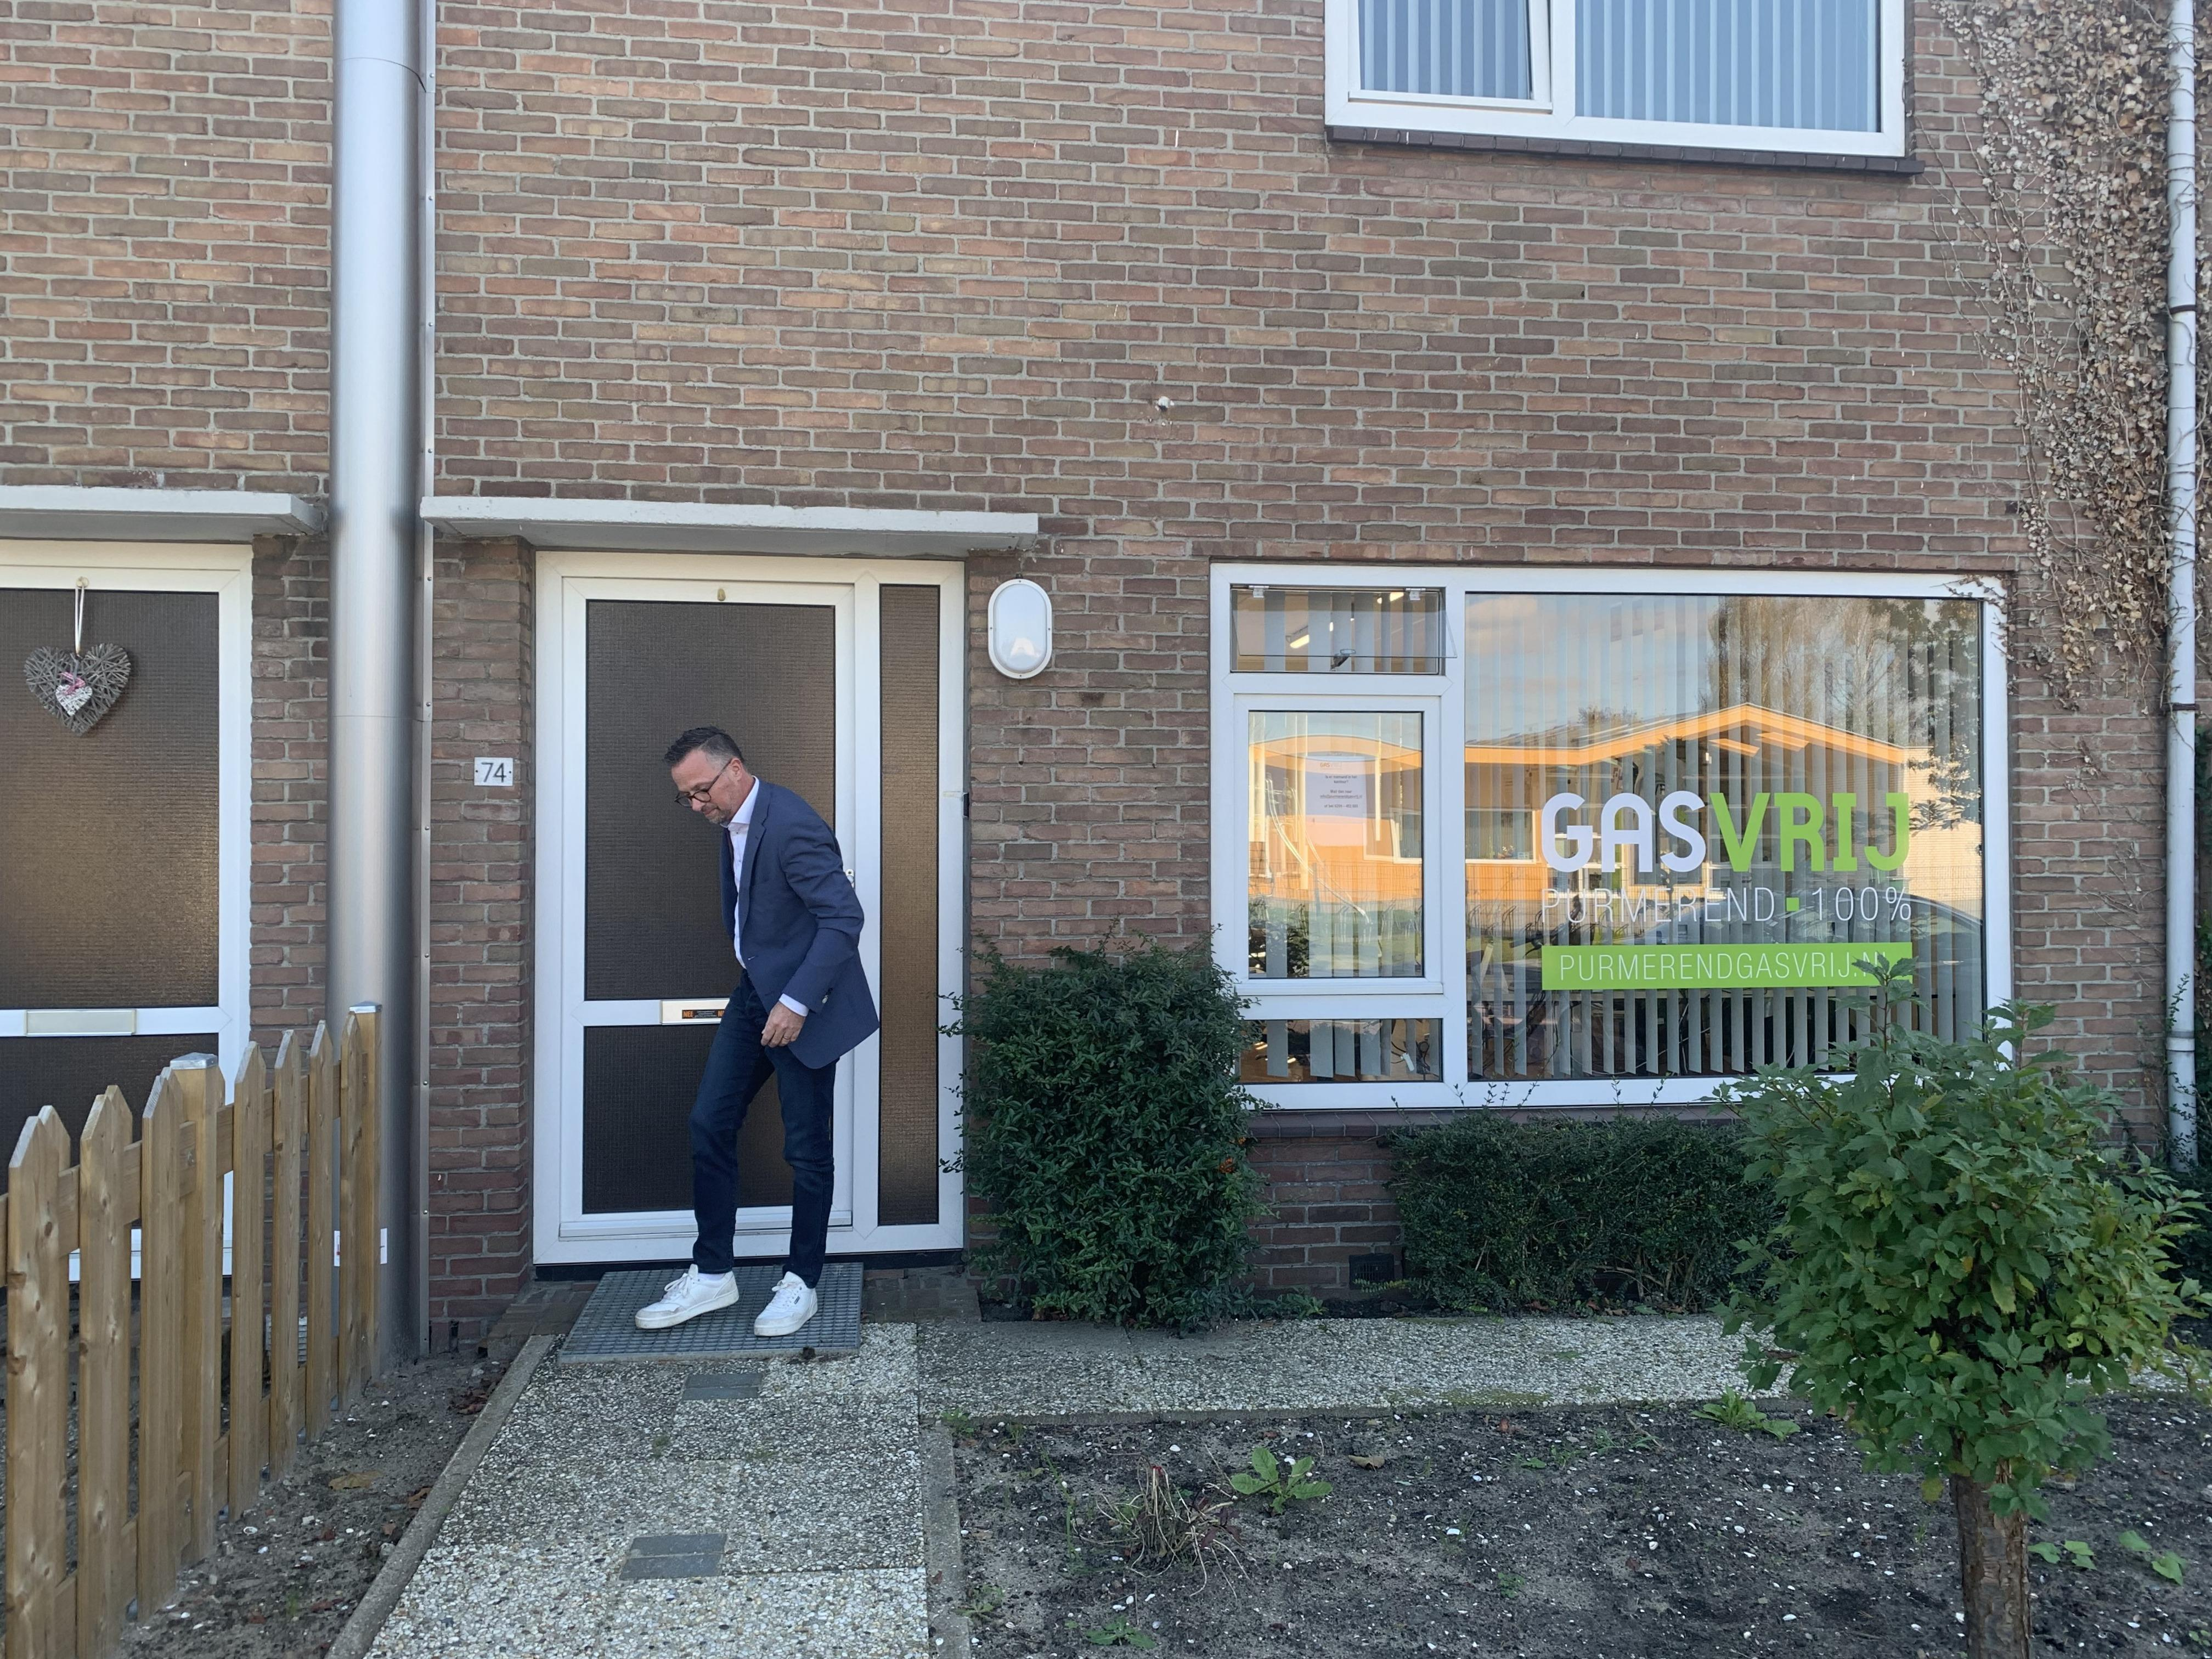 Purmerendse wethouder Paul van Meekeren overleeft motie van wantrouwen: gaat wel door het stof over gang van zaken rond project Gasvrij